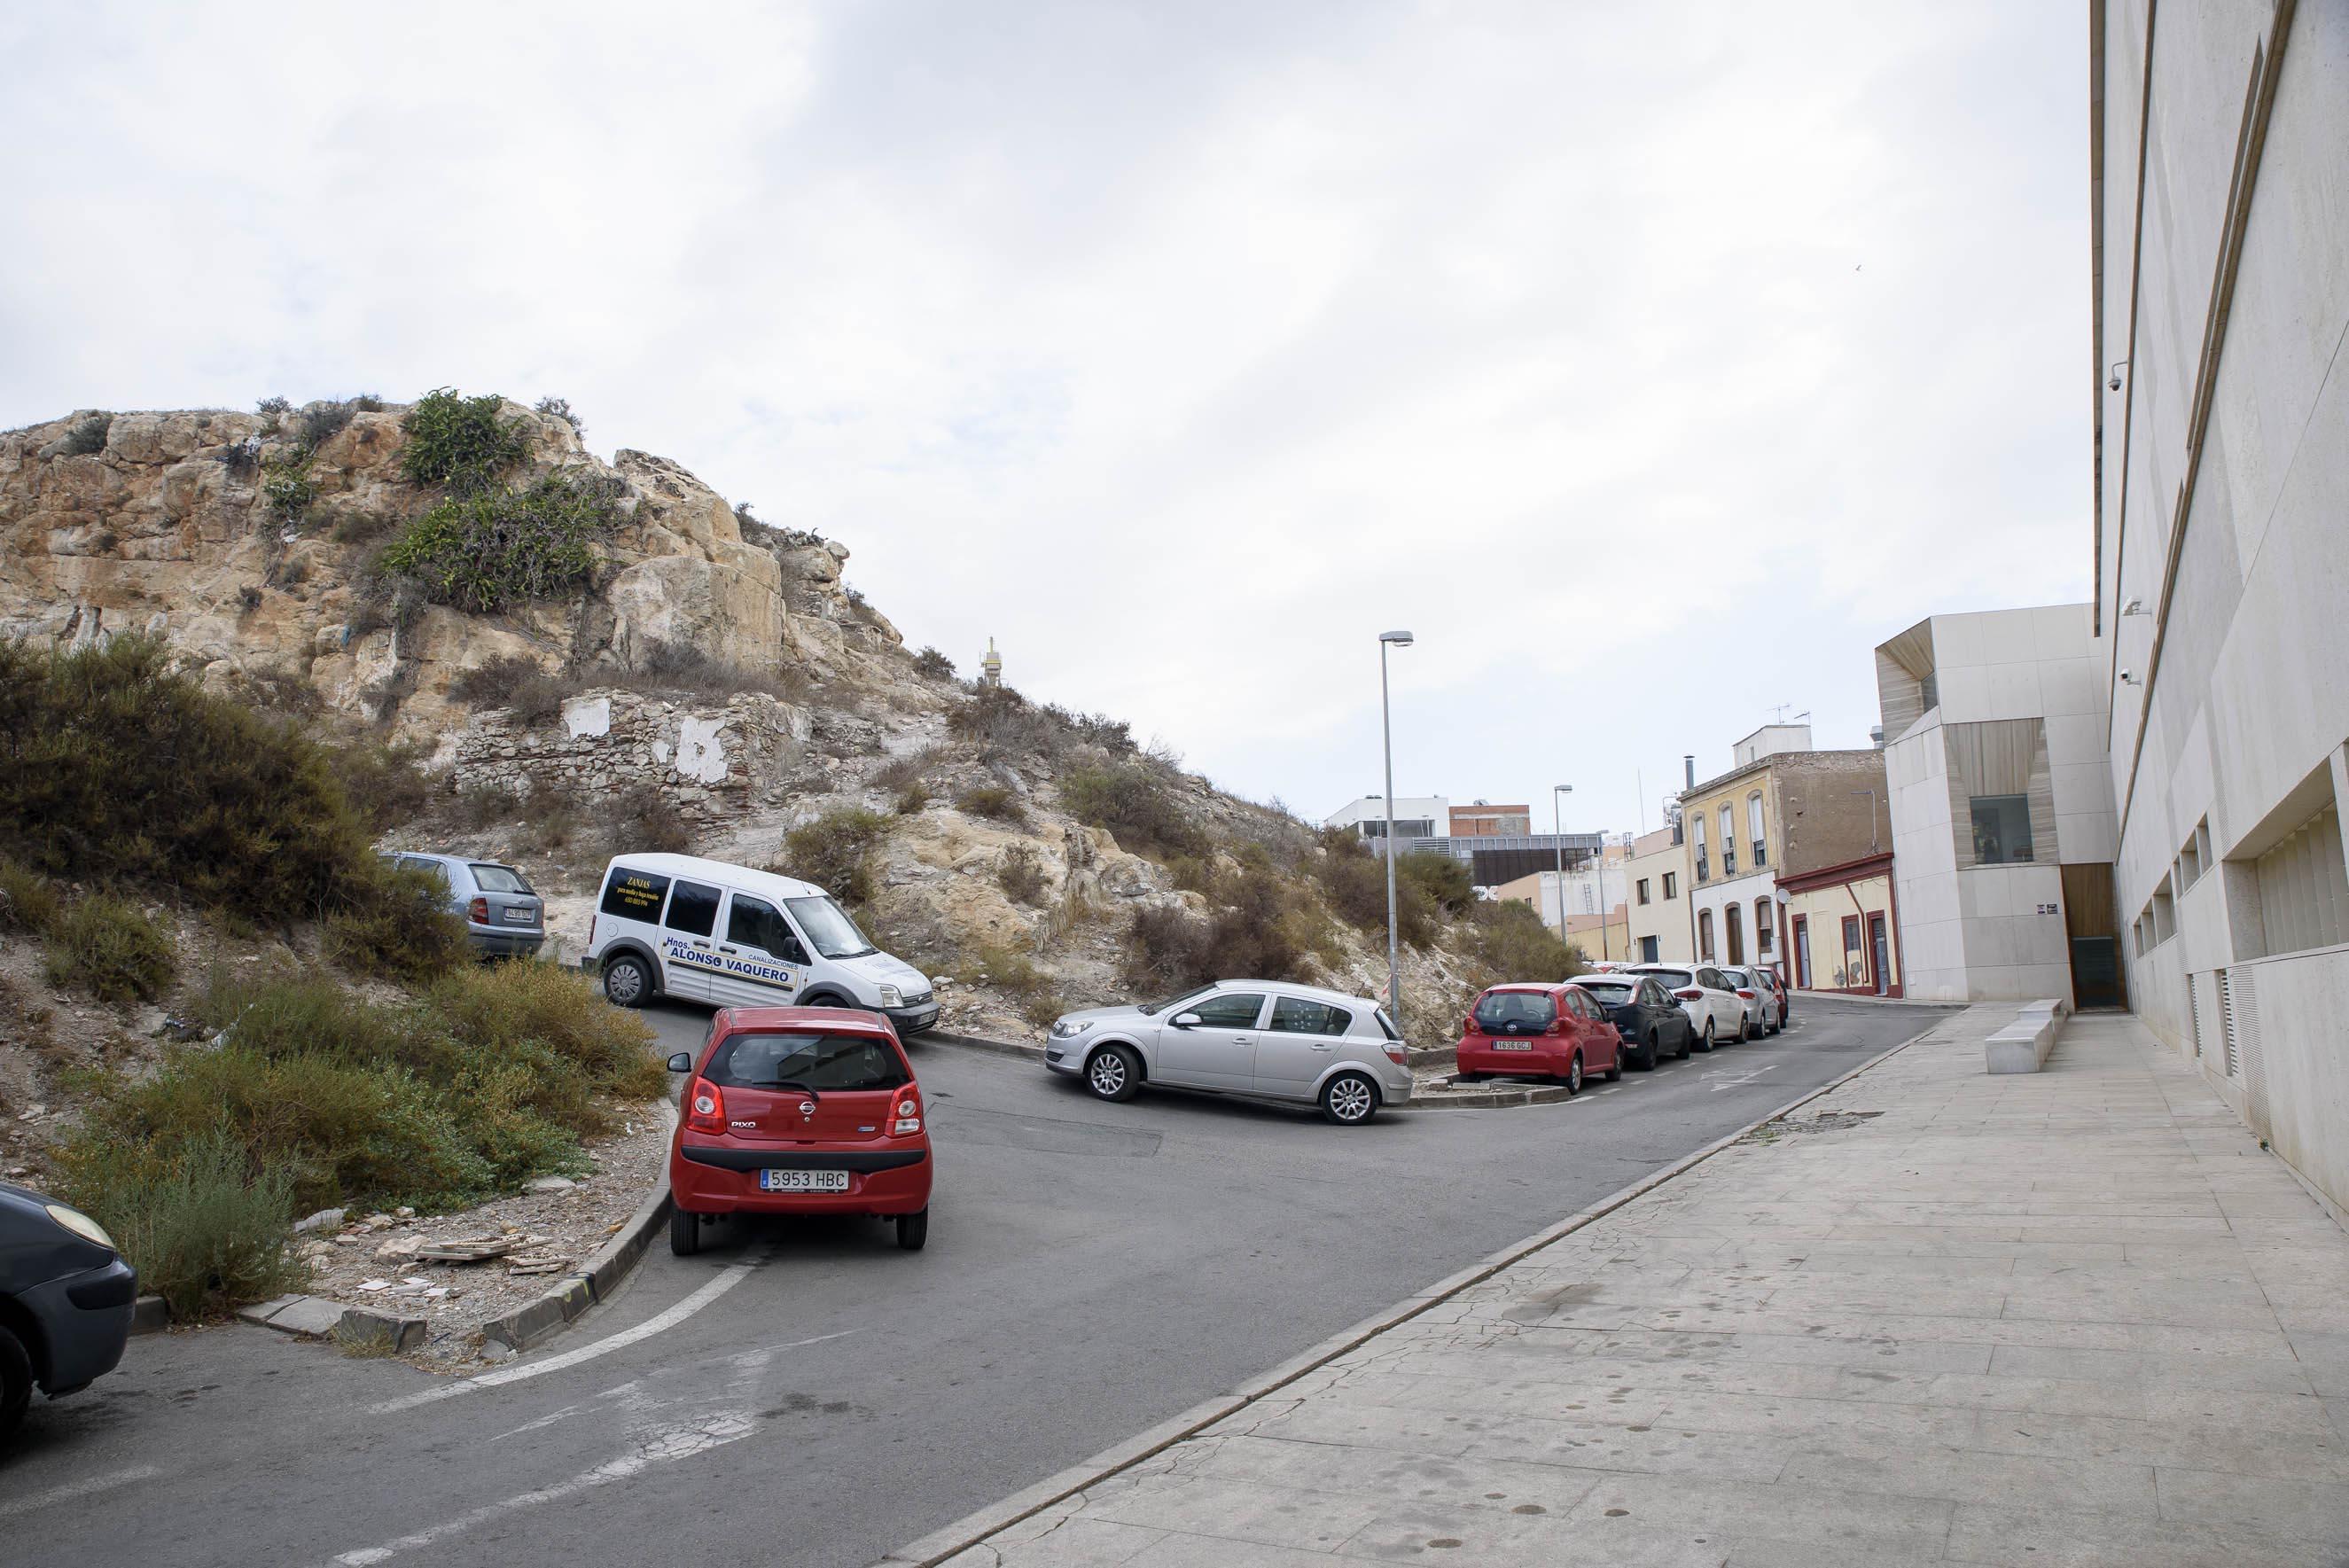 Esta semana se iniciarán, de forma simultánea, los trabajos de intervención arqueológica en los entornos de la calle Pósito y Almanzor